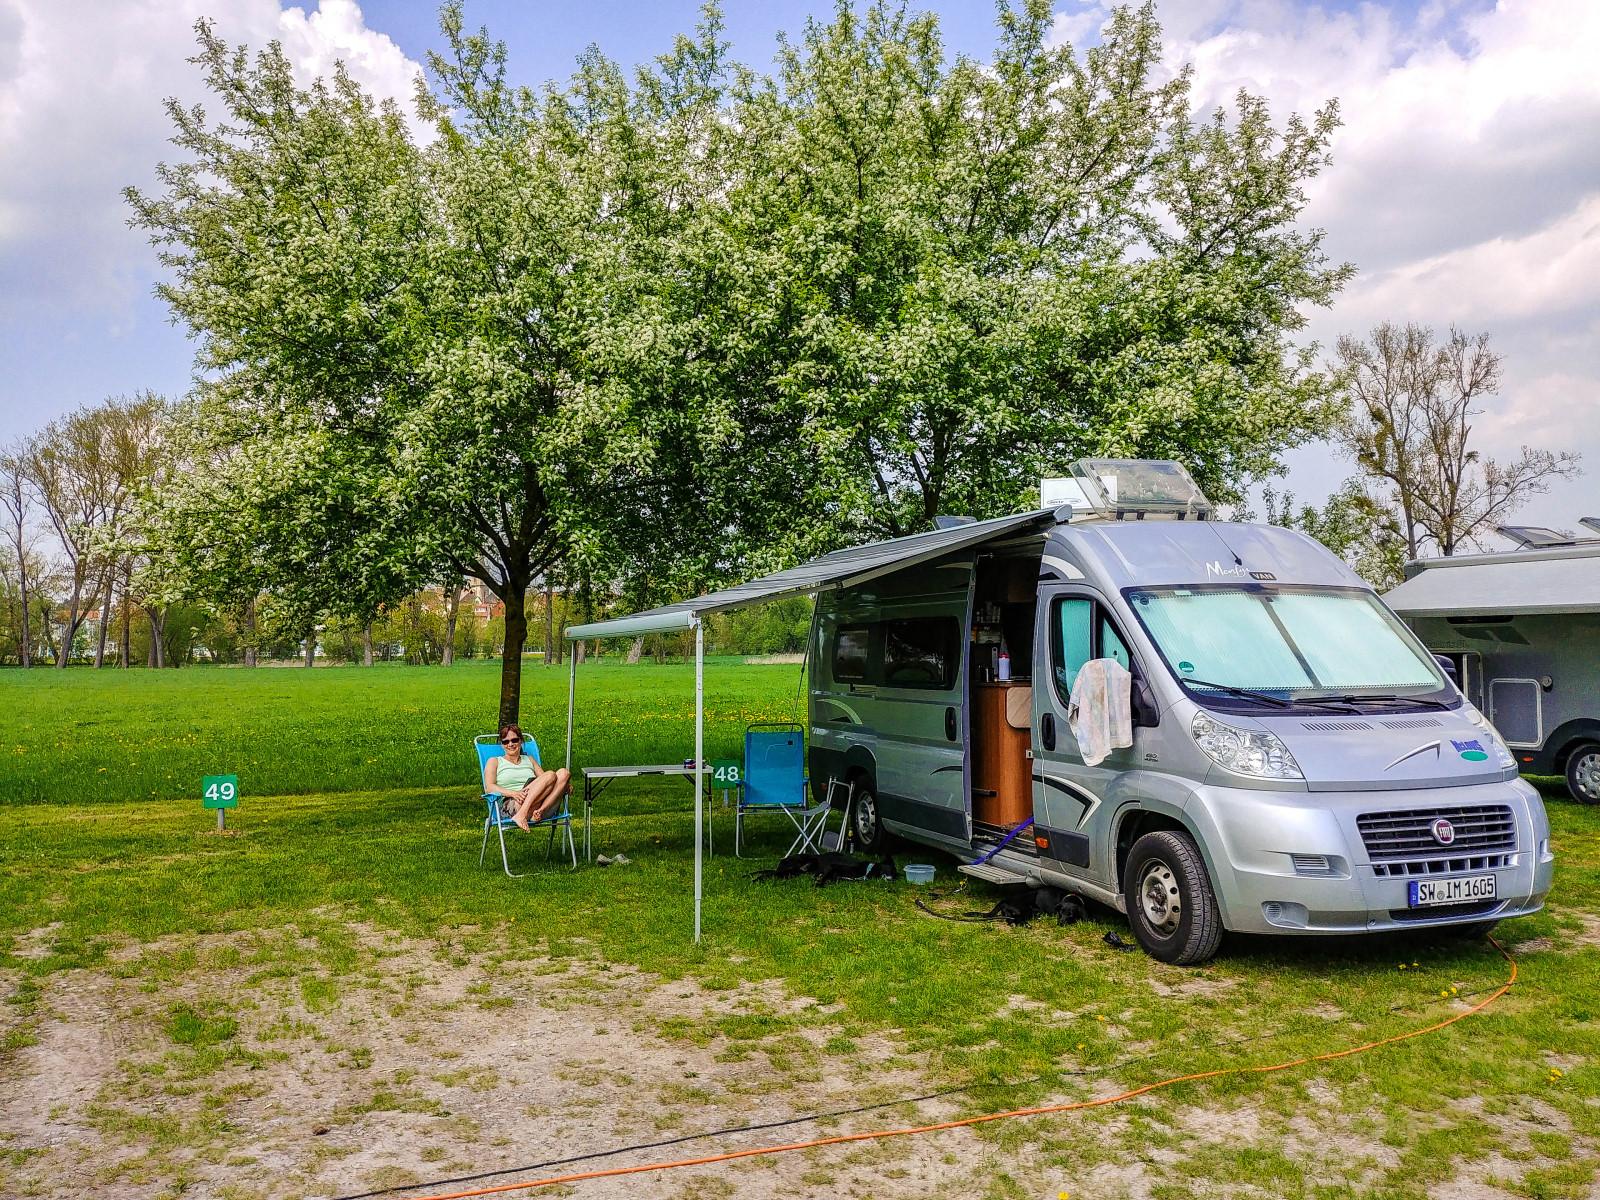 Wohnmobilstellplatz Bad Neustadt a. d. Saale